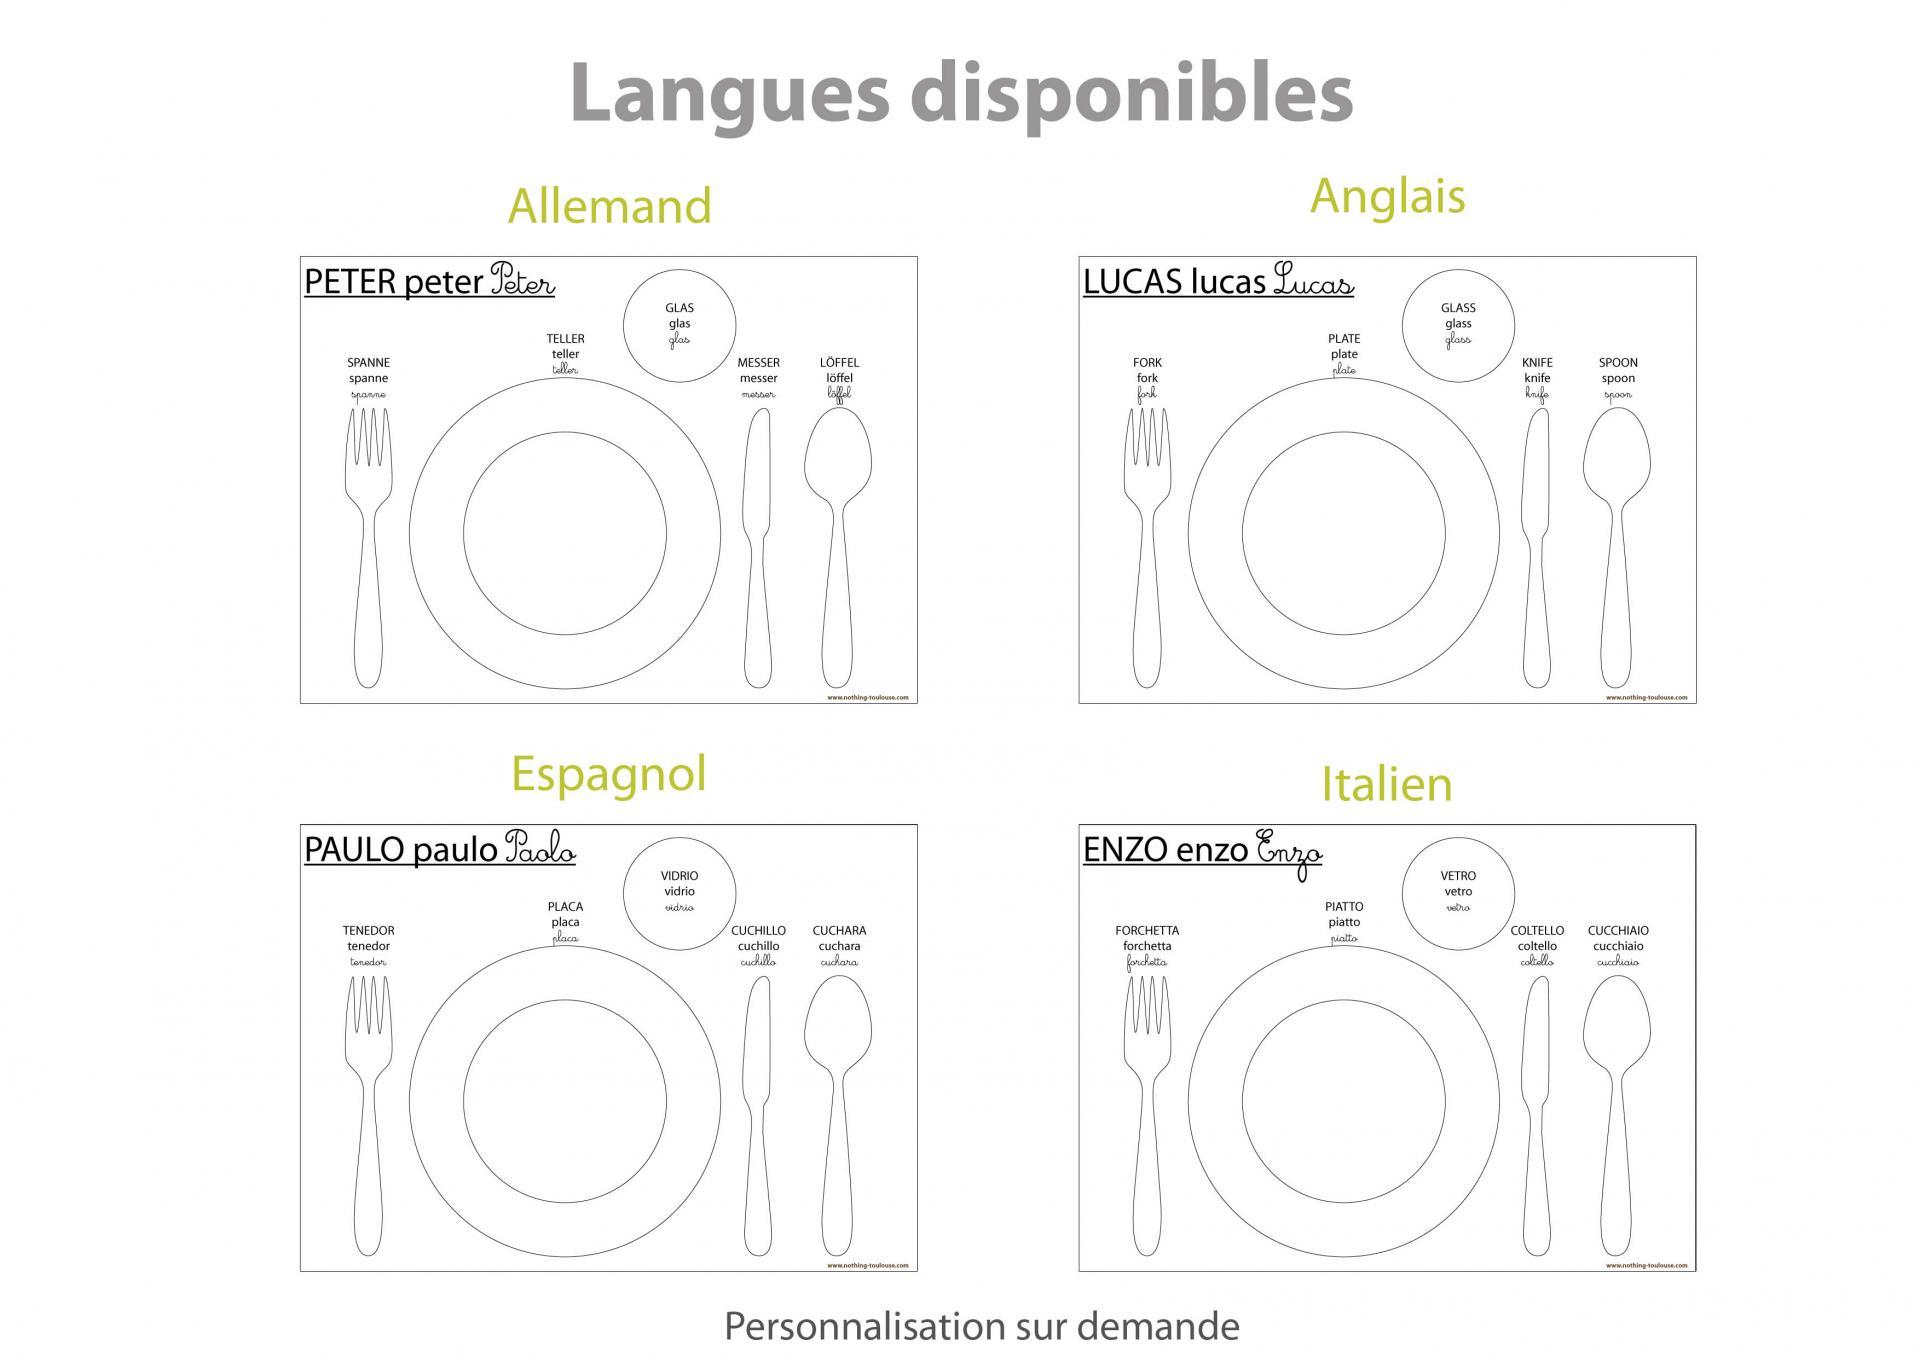 A langues disponibles